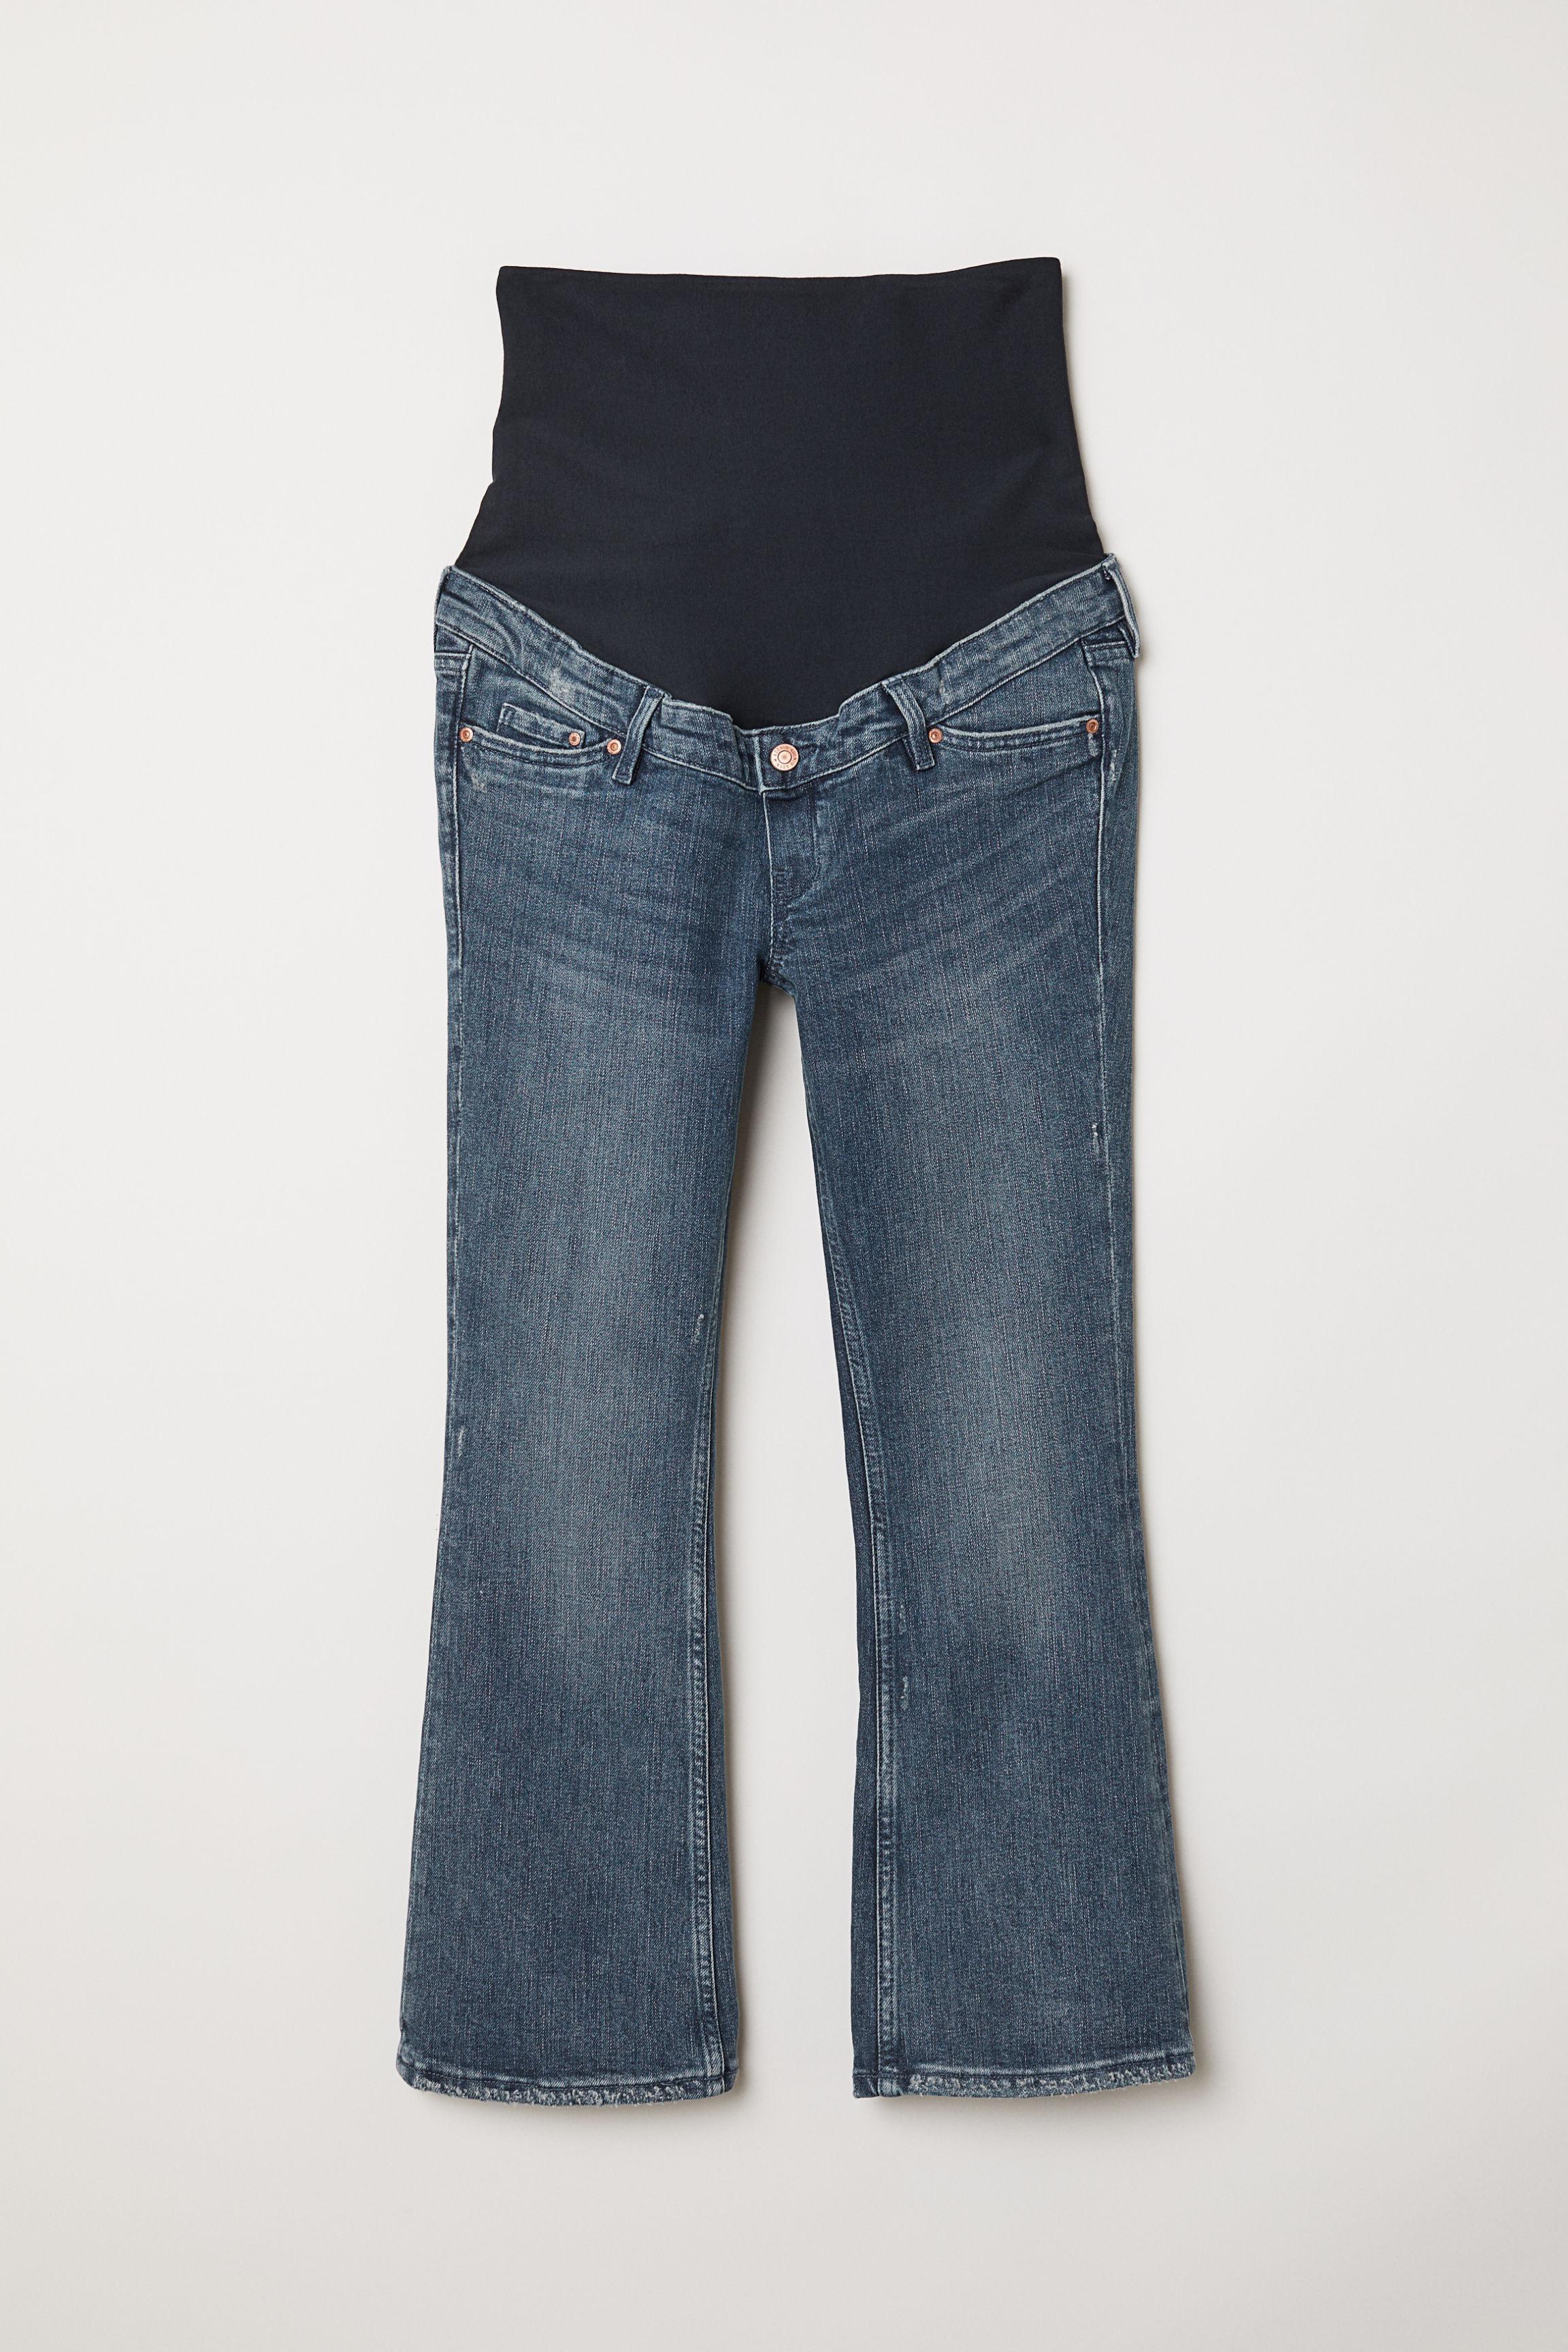 H&M Denim Mama Kick Flare Jeans in Denim Blue (Blue)